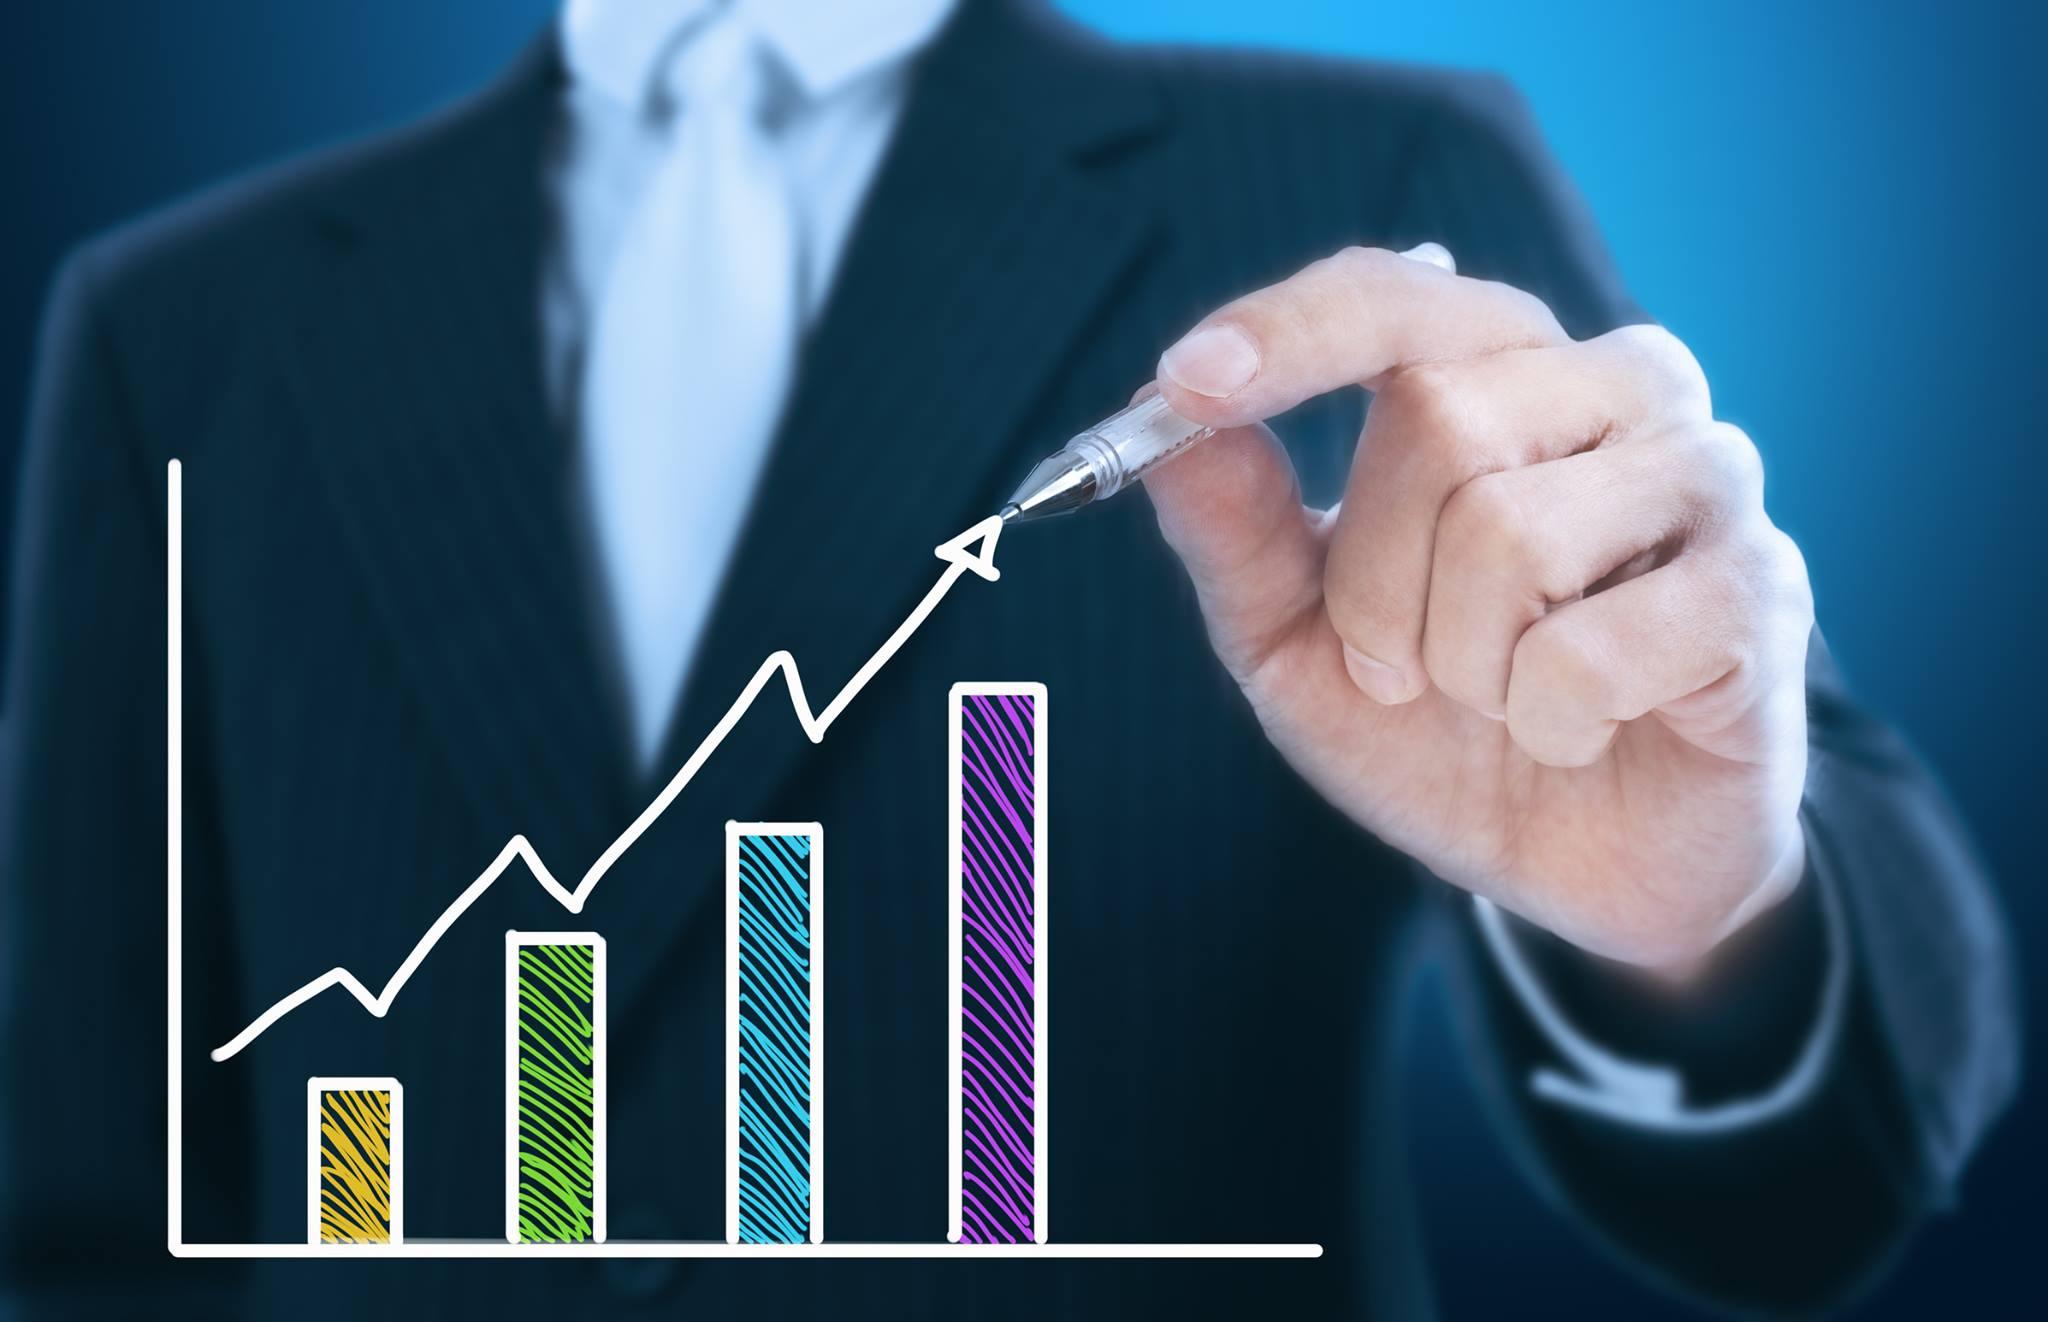 Com melhora da confiança, 41% dos micro e pequenos empresários devem investir mais em 2019, mostram CNDL/SPC Brasil